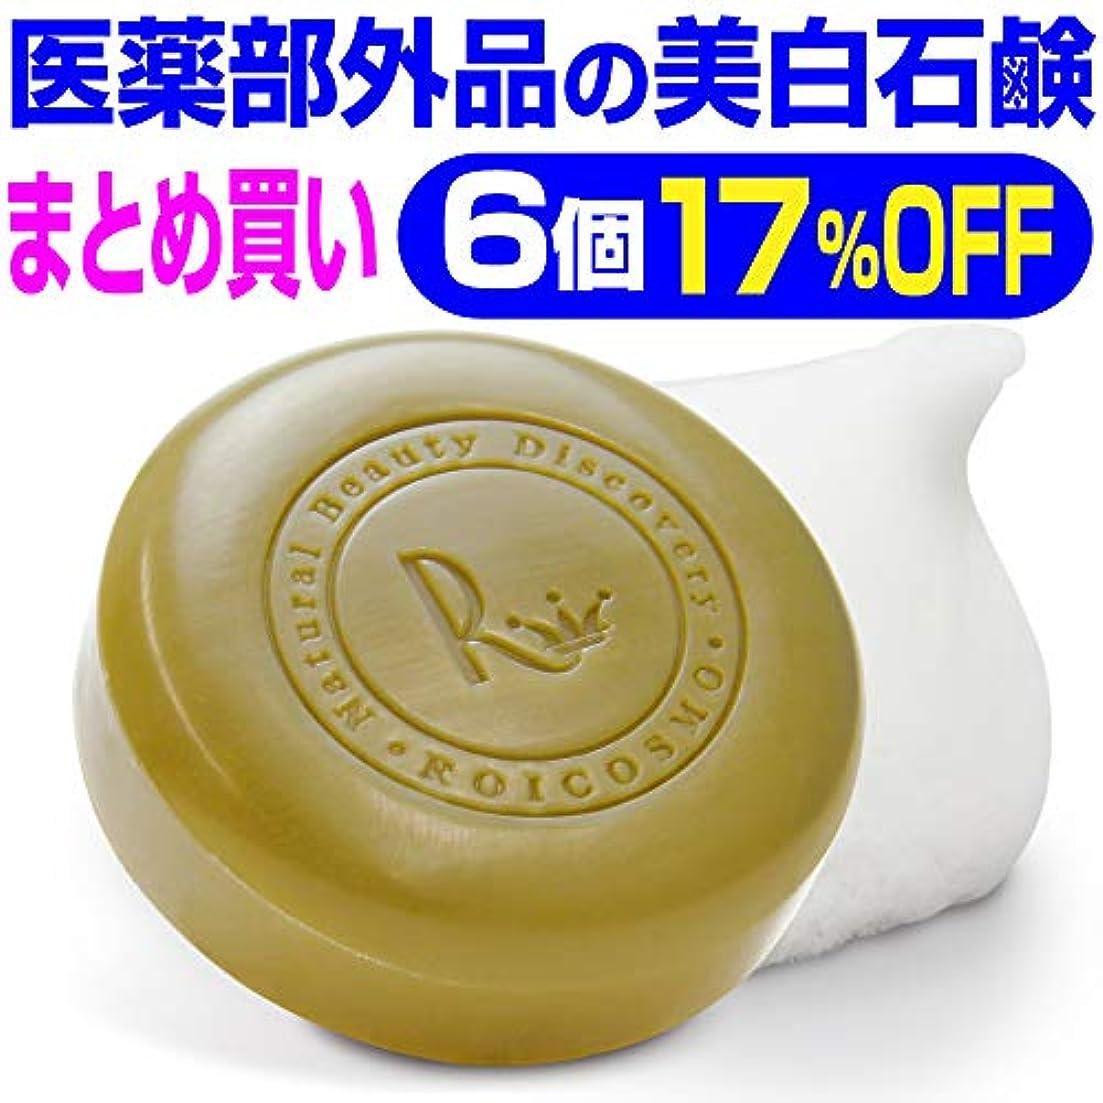 責任宿泊施設攻撃6個まとめ買い17%OFF 美白石鹸/ビタミンC270倍の美白成分配合の 洗顔石鹸『ホワイトソープ100g×6個』